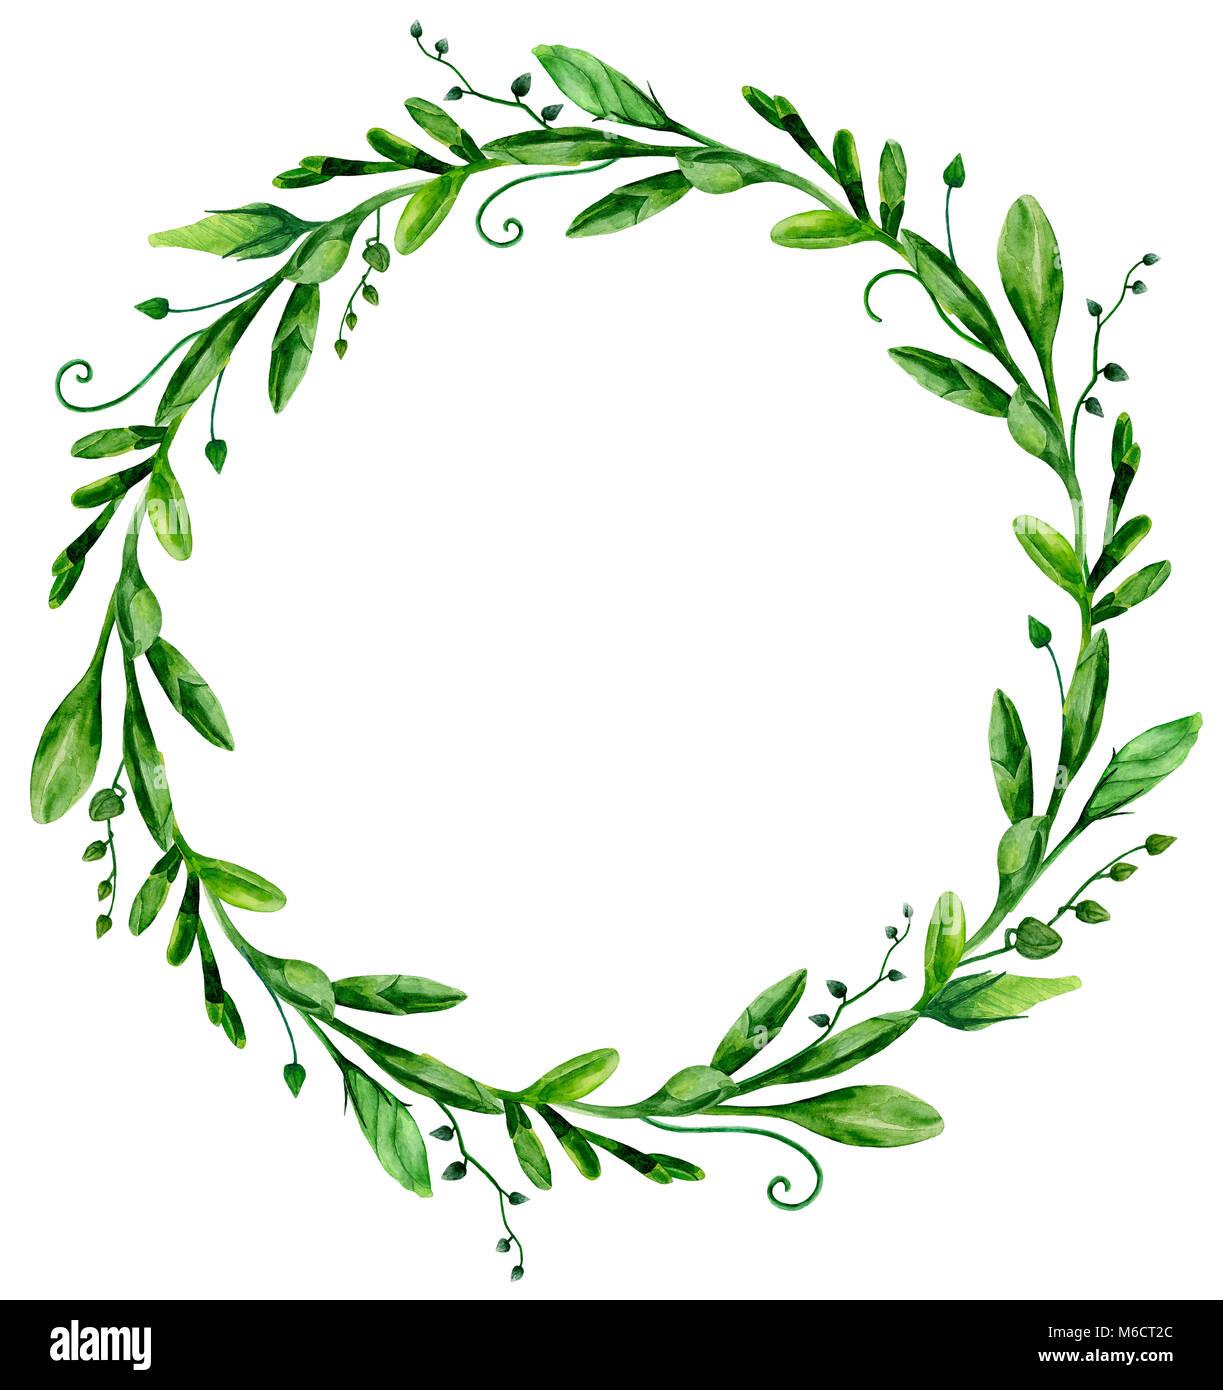 Aquarell grün Kranz Rahmen. Grüne Anordnung clip art Stockbild